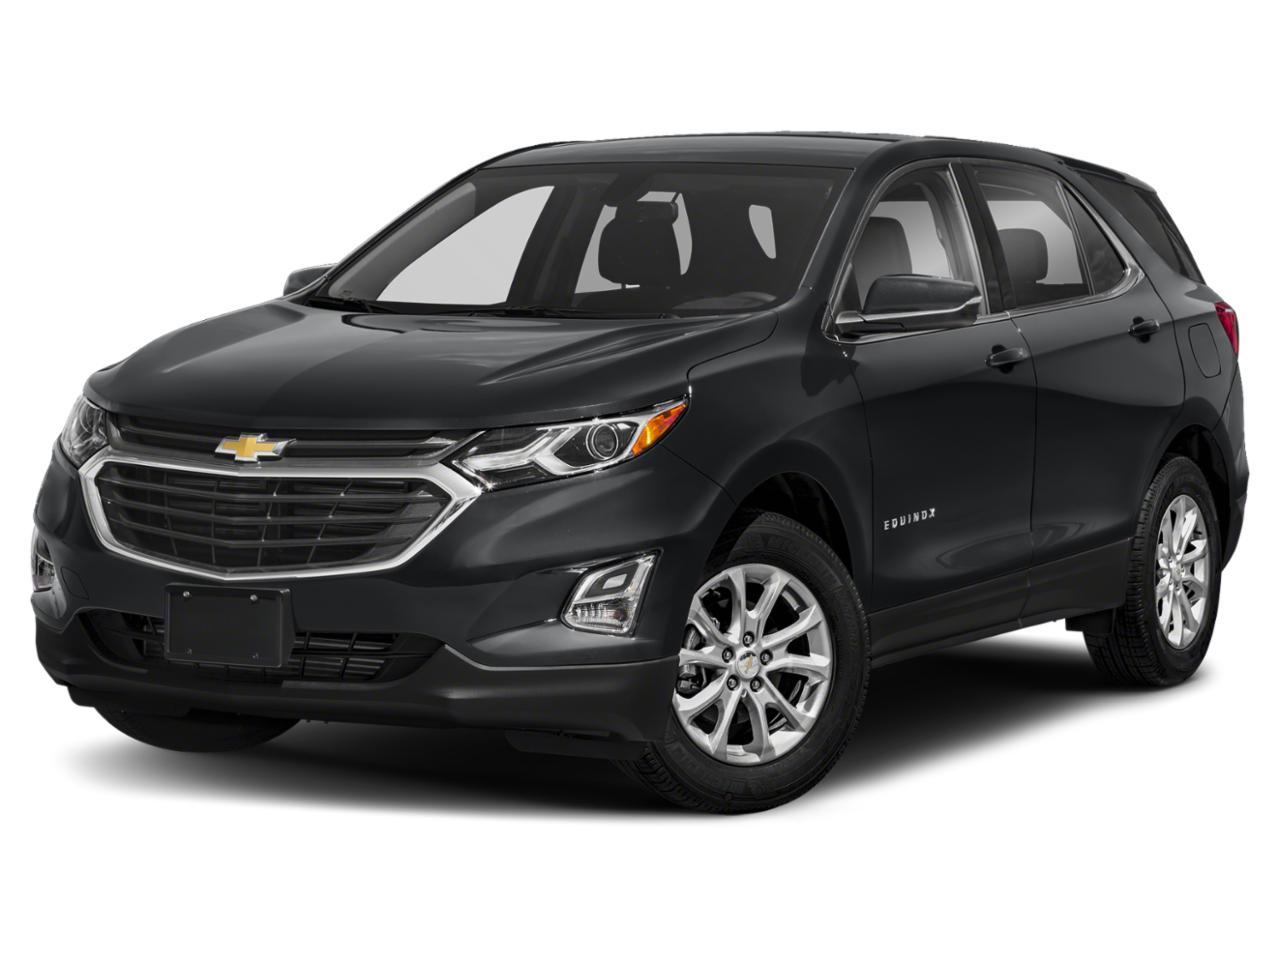 2018 Chevrolet Equinox LT SUV Slide